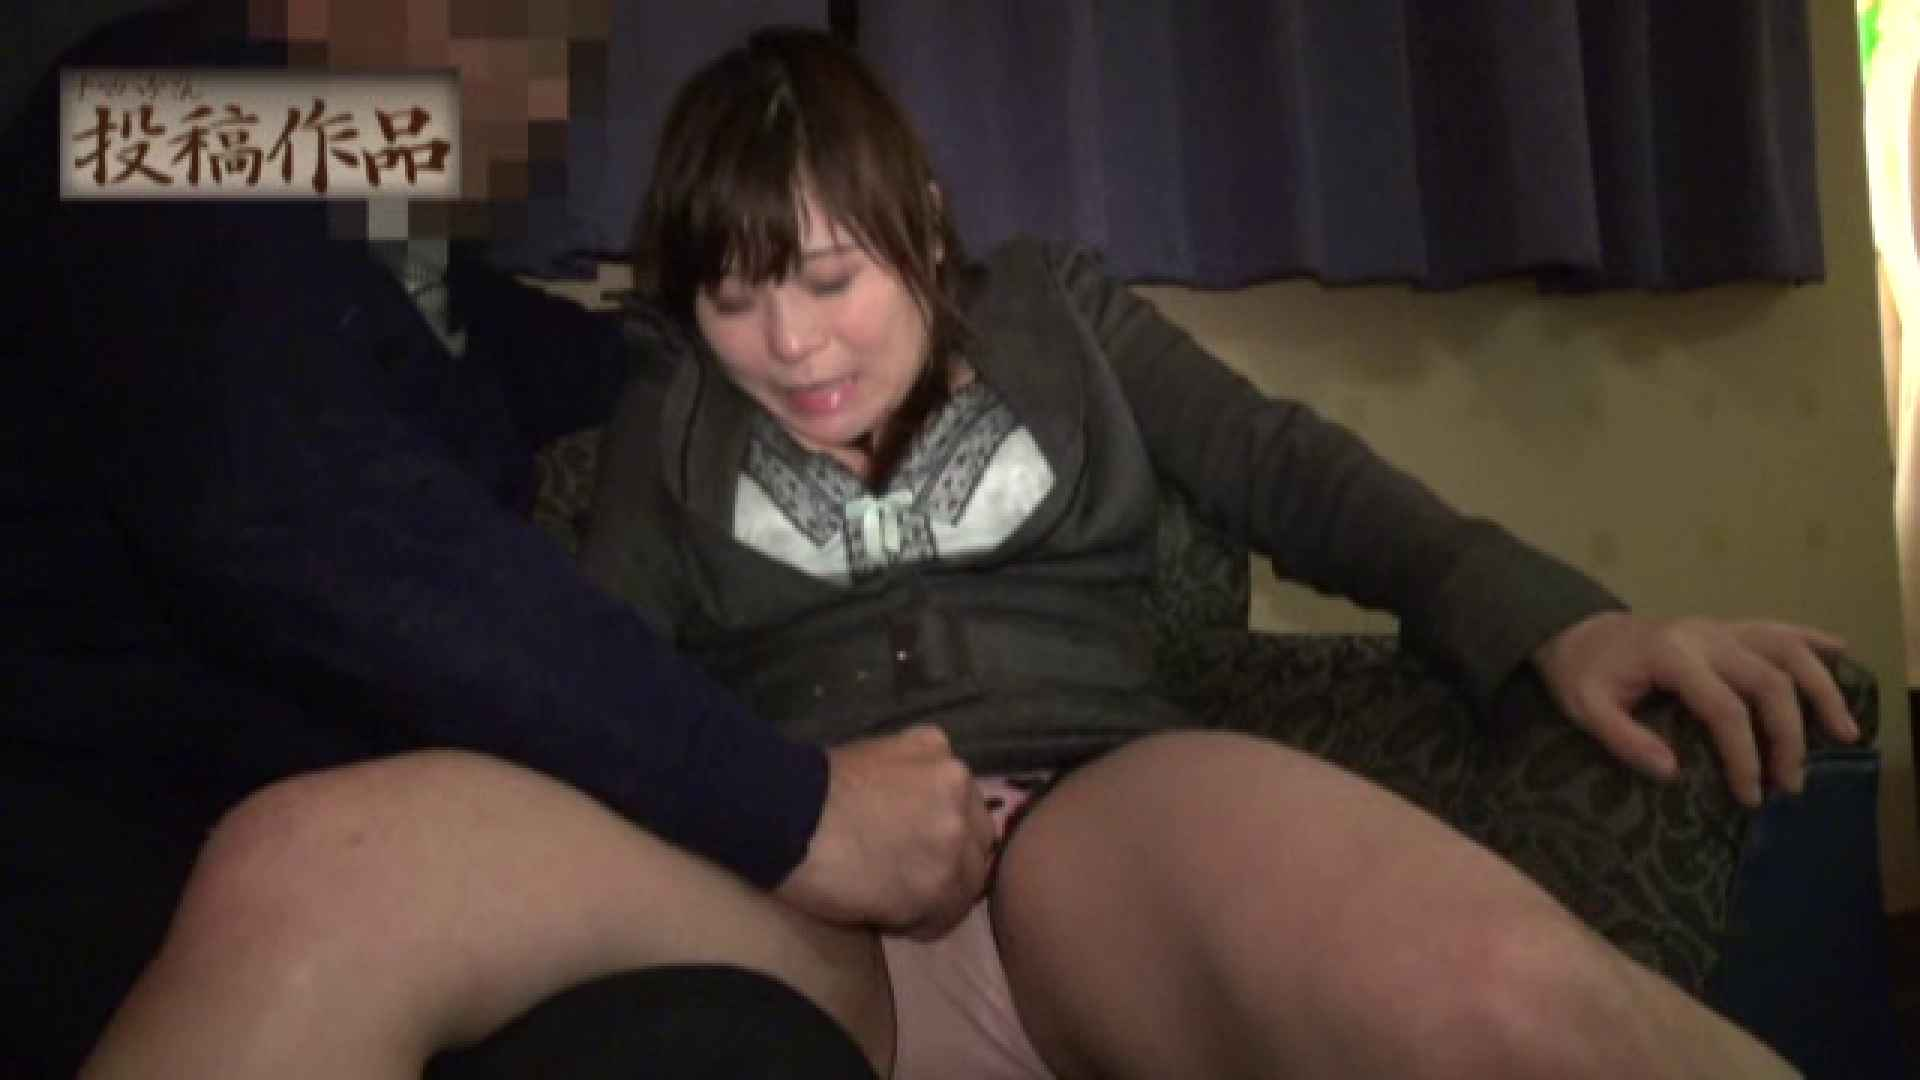 ナマハゲさんのまんこコレクション第二章 kazumi フェラ オマンコ無修正動画無料 41連発 17